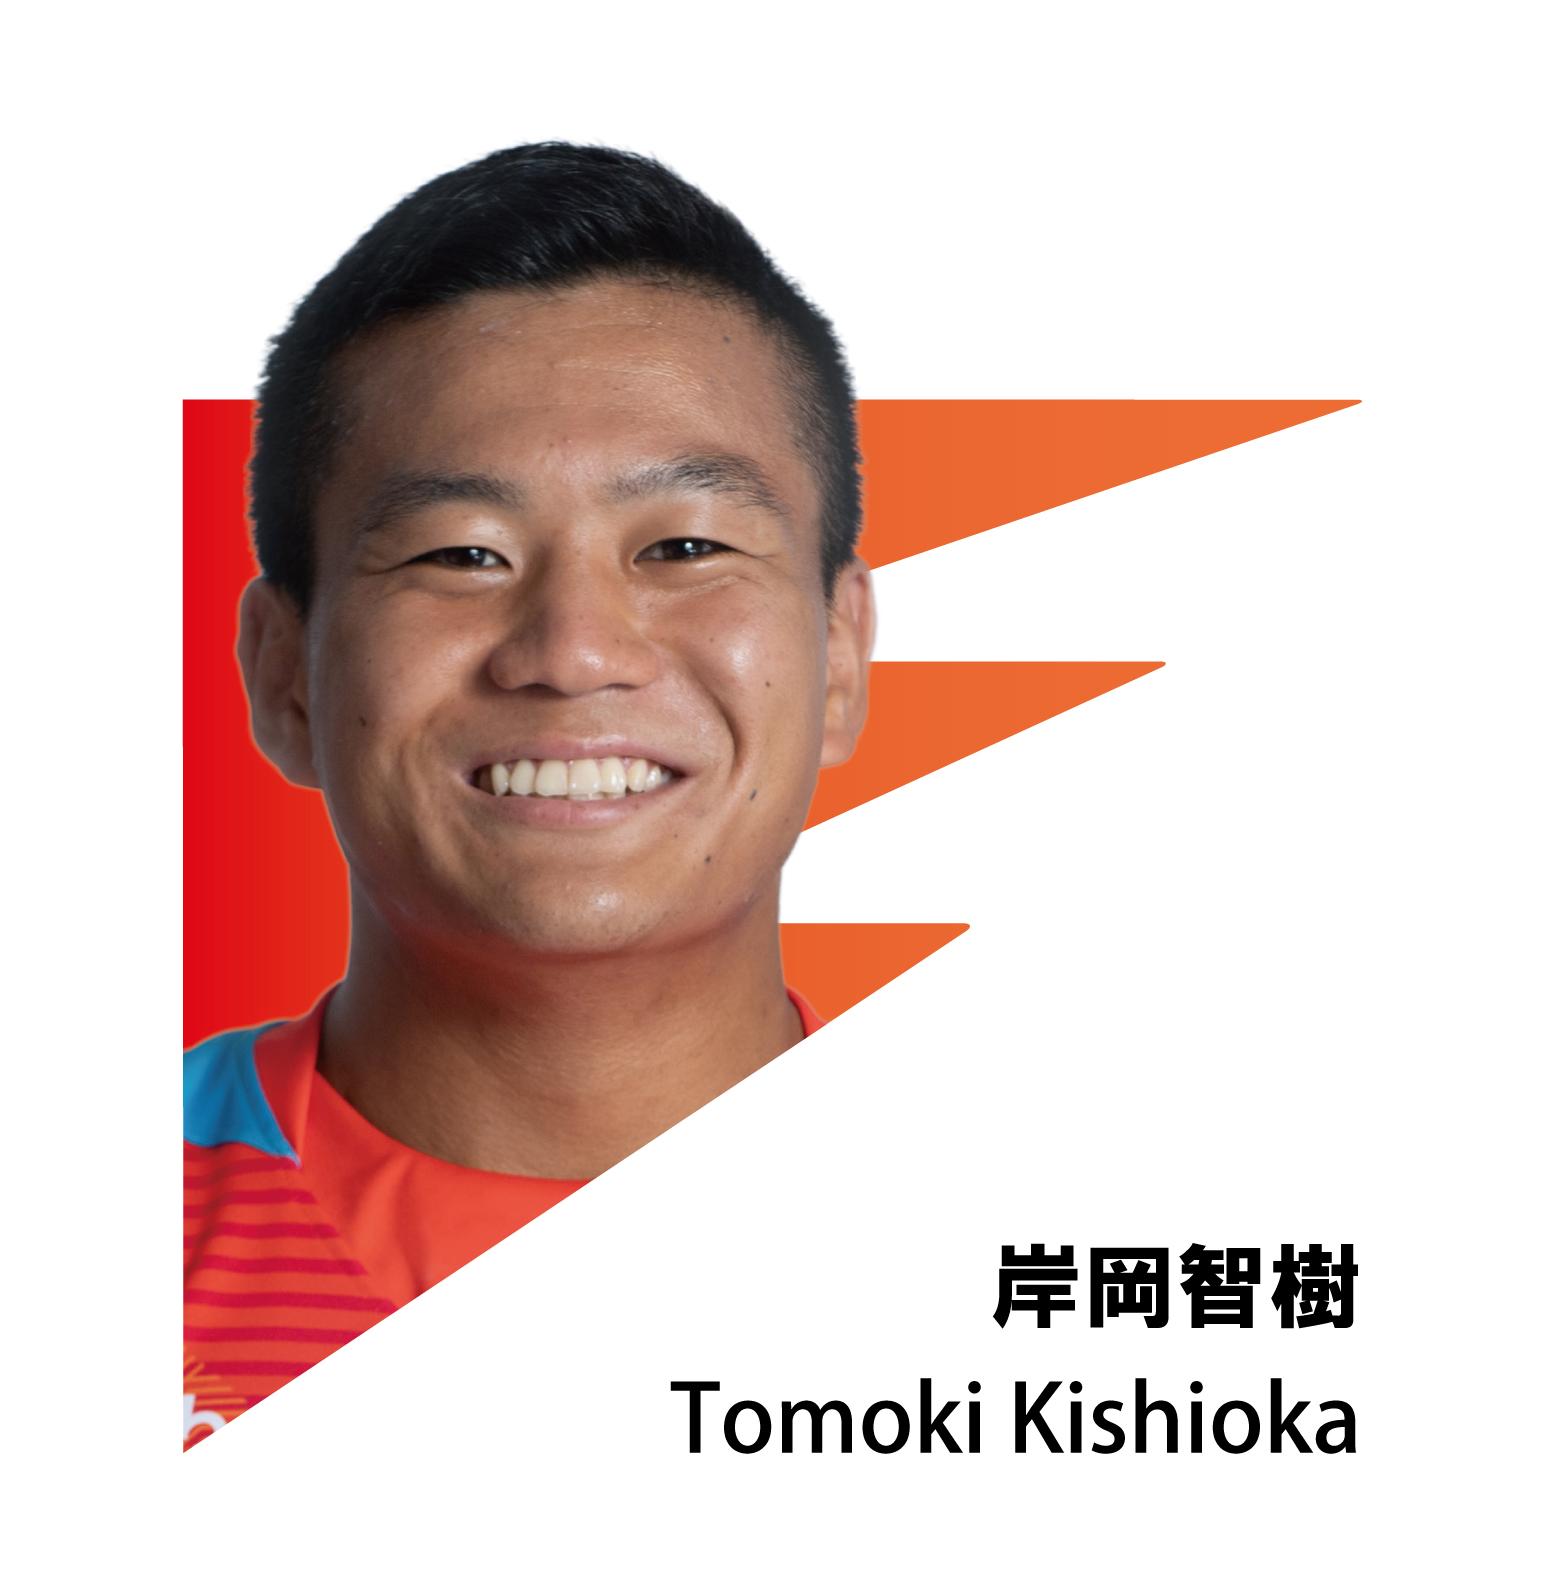 TOMOKI KISHIOKA